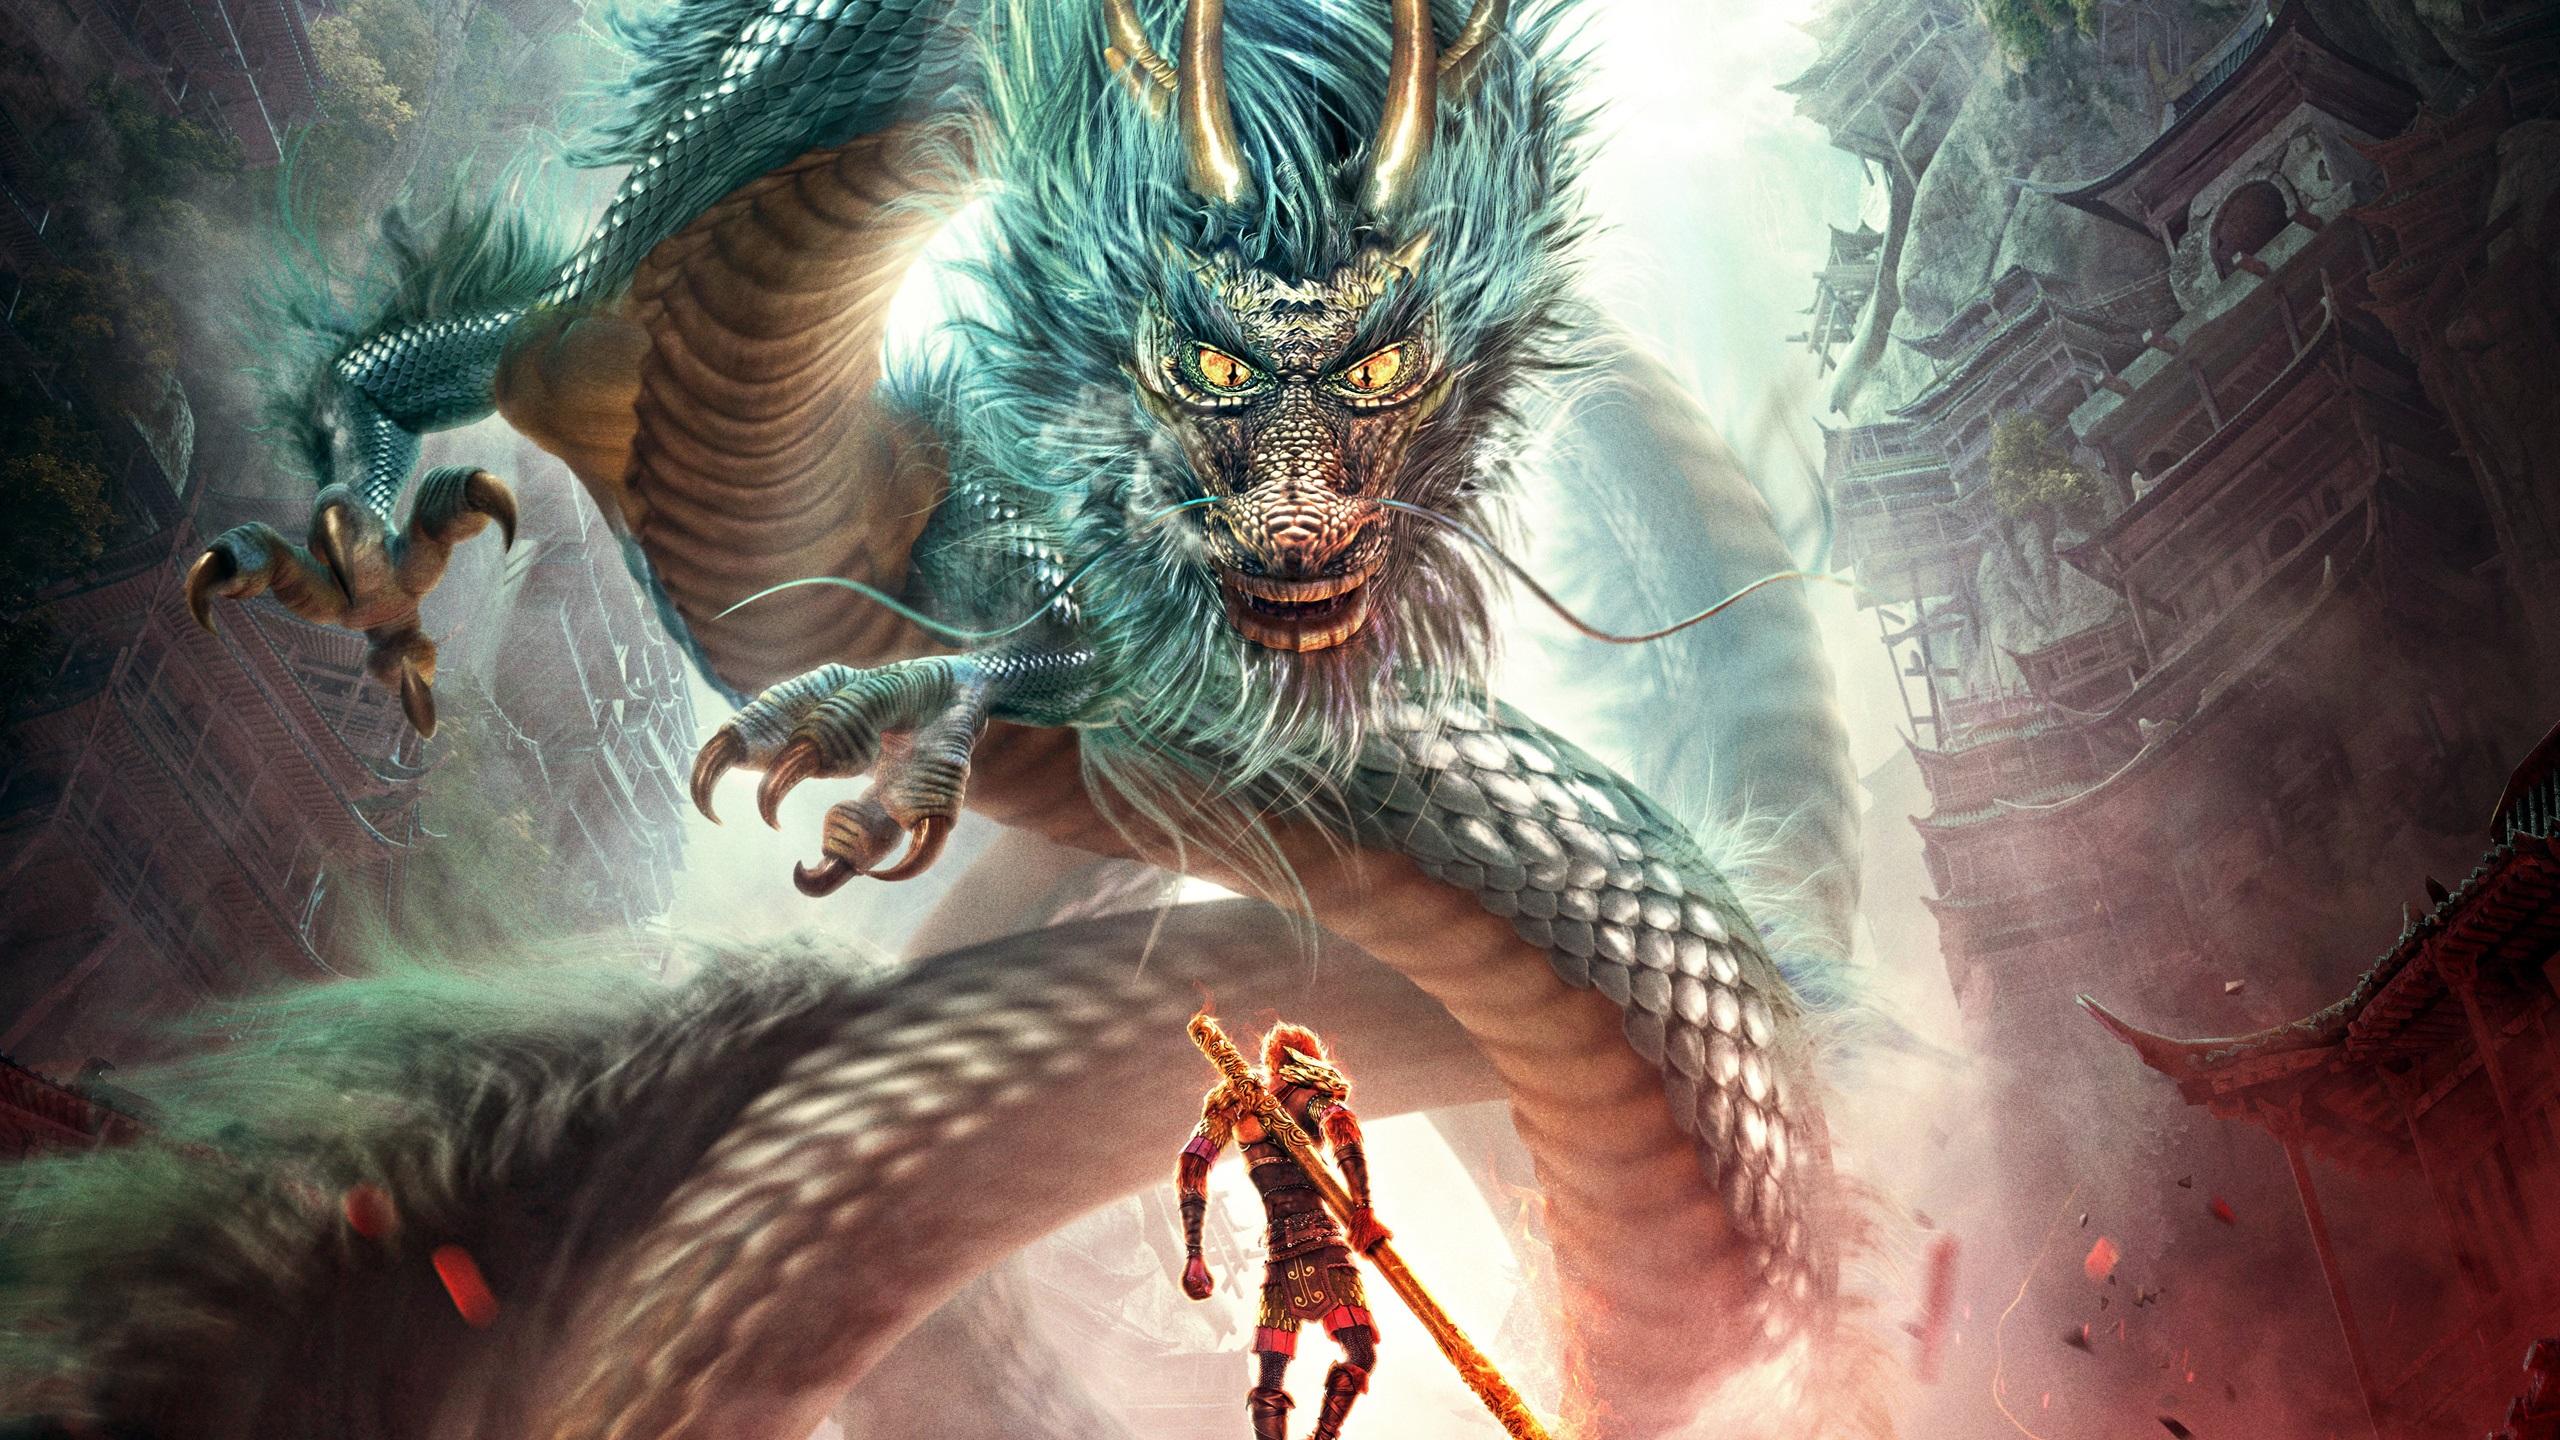 monkey king hero is back fight dragon wallpaper